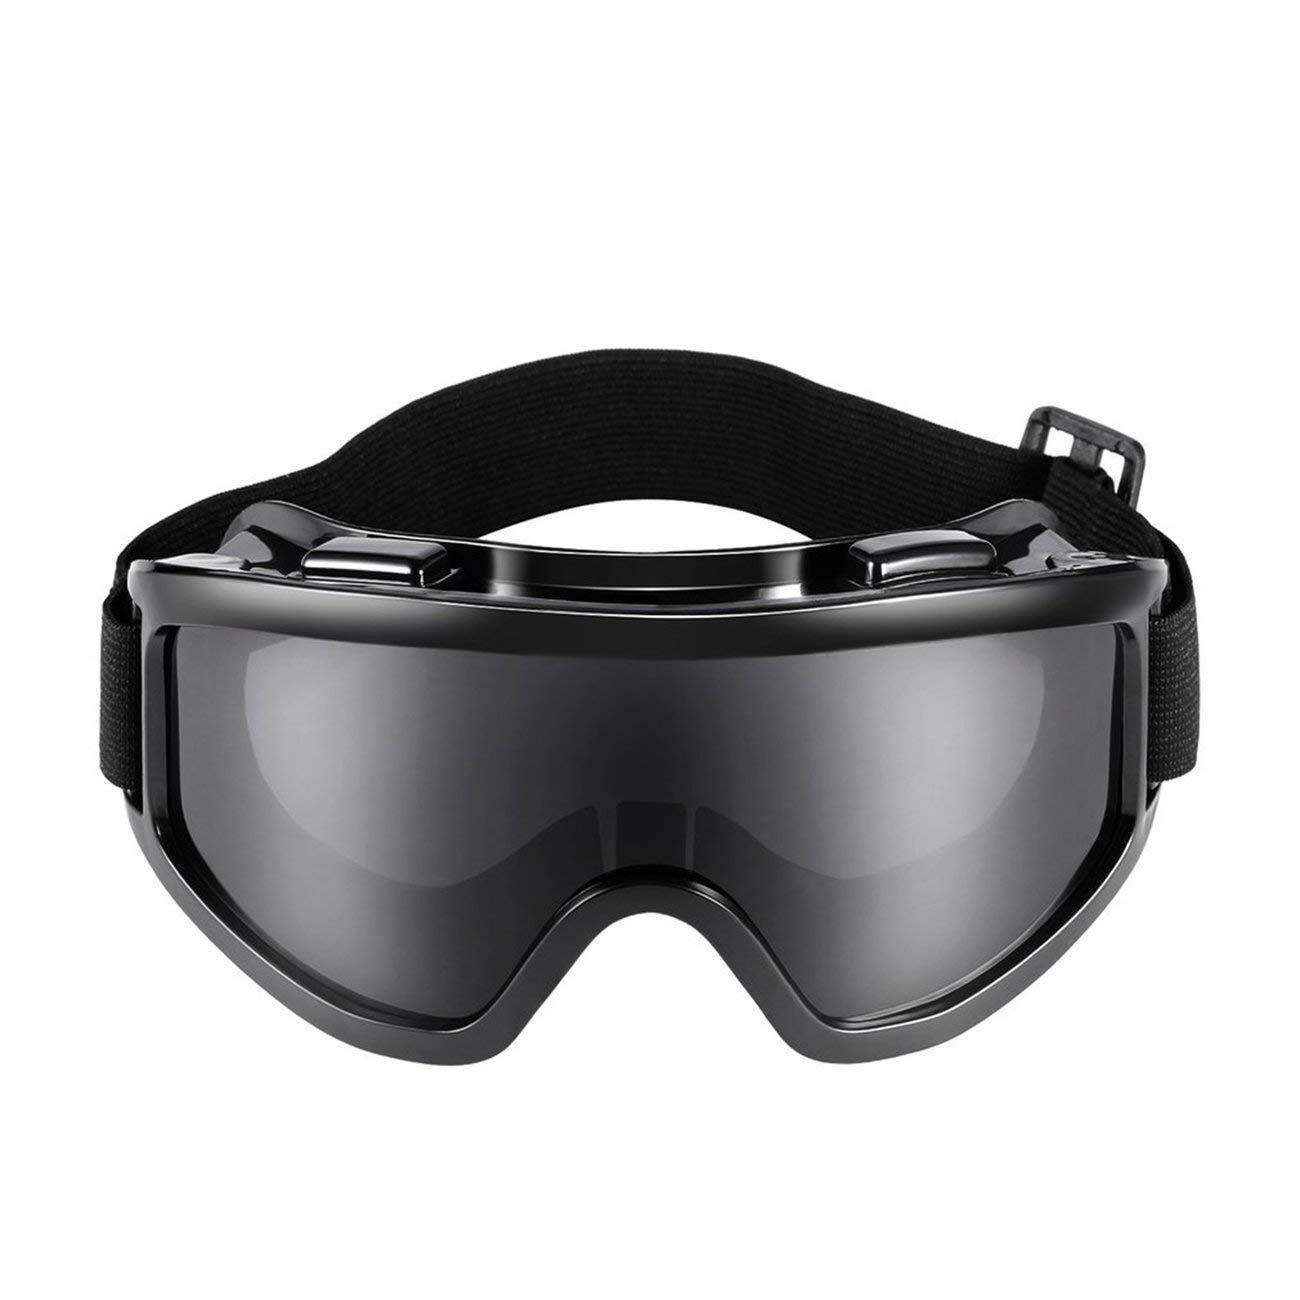 PC-Brille Schutzbrille Schutzmaske Staubdicht Winddicht